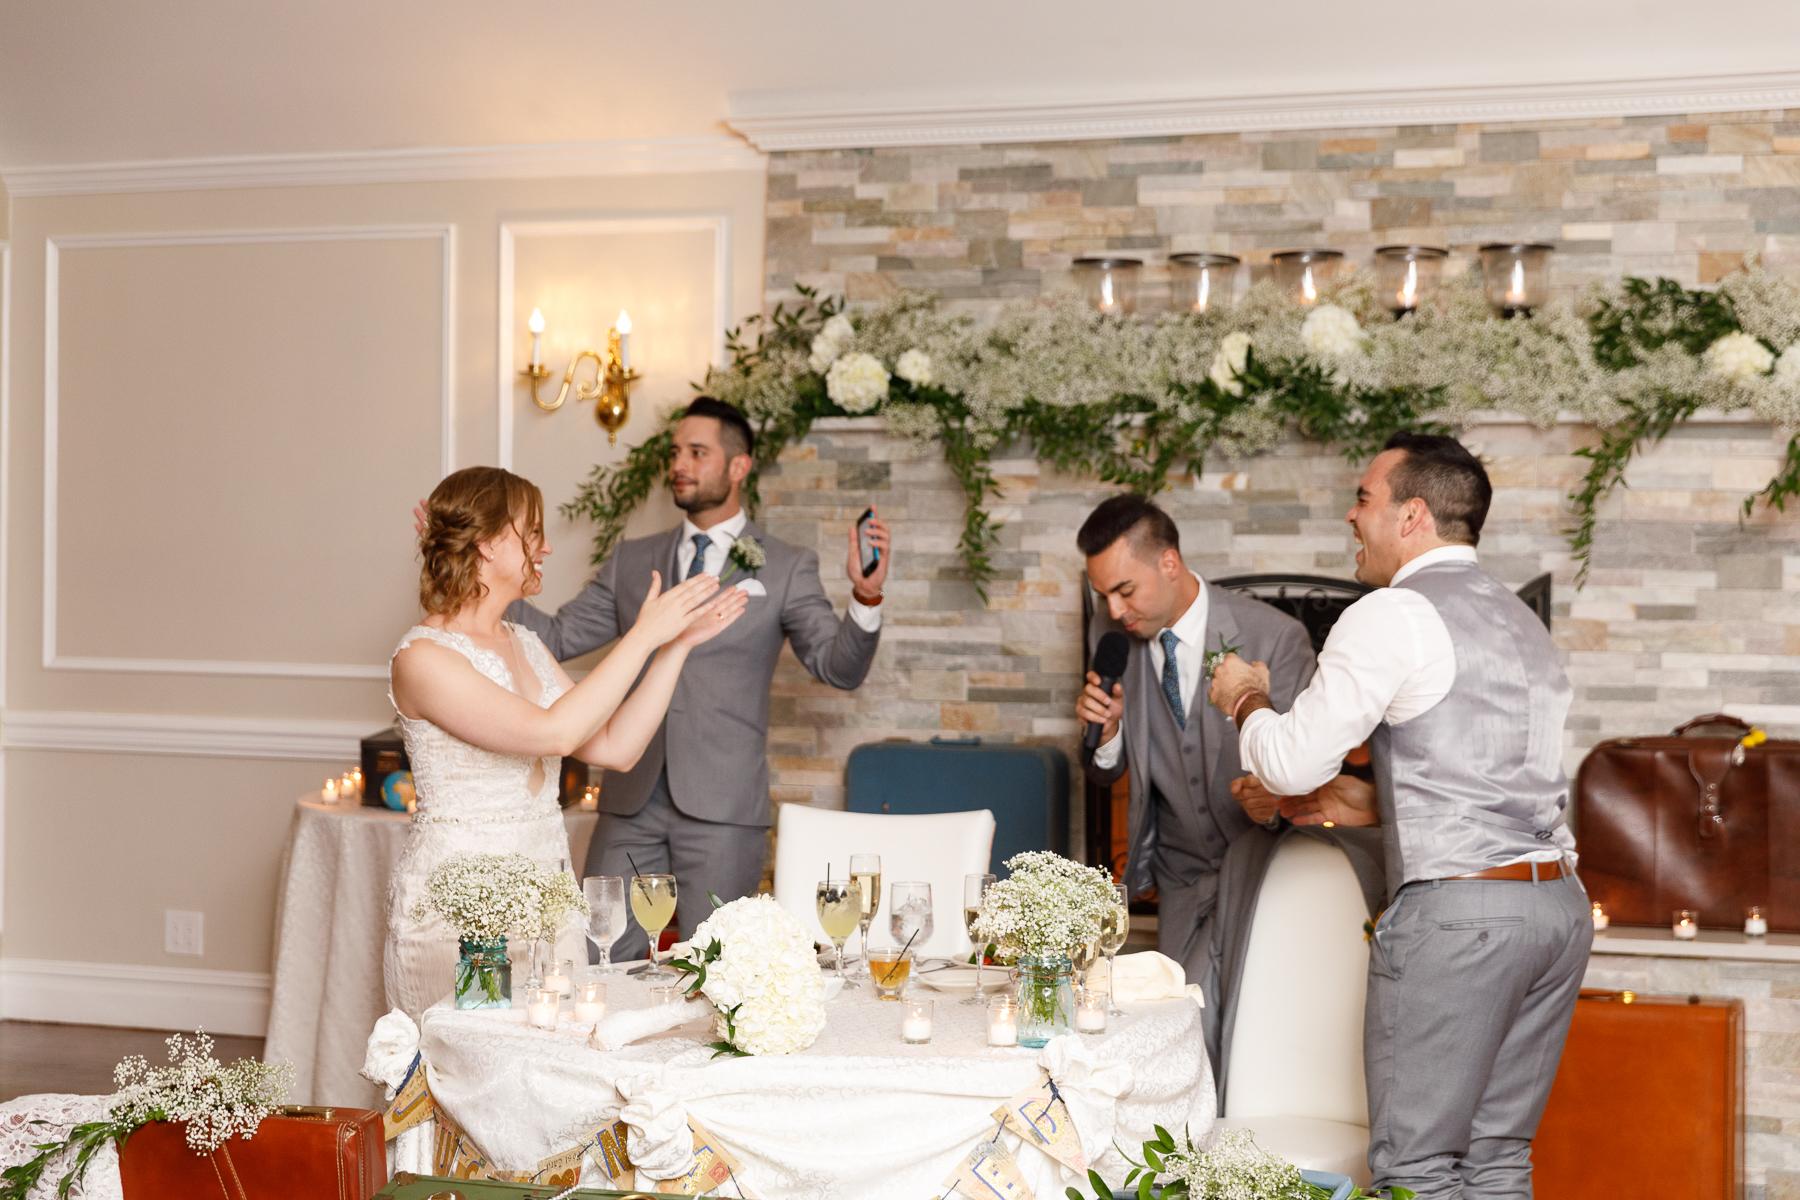 Mike and Katrina WEDDING _ Jonathan Heisler _  922017 _650.jpg